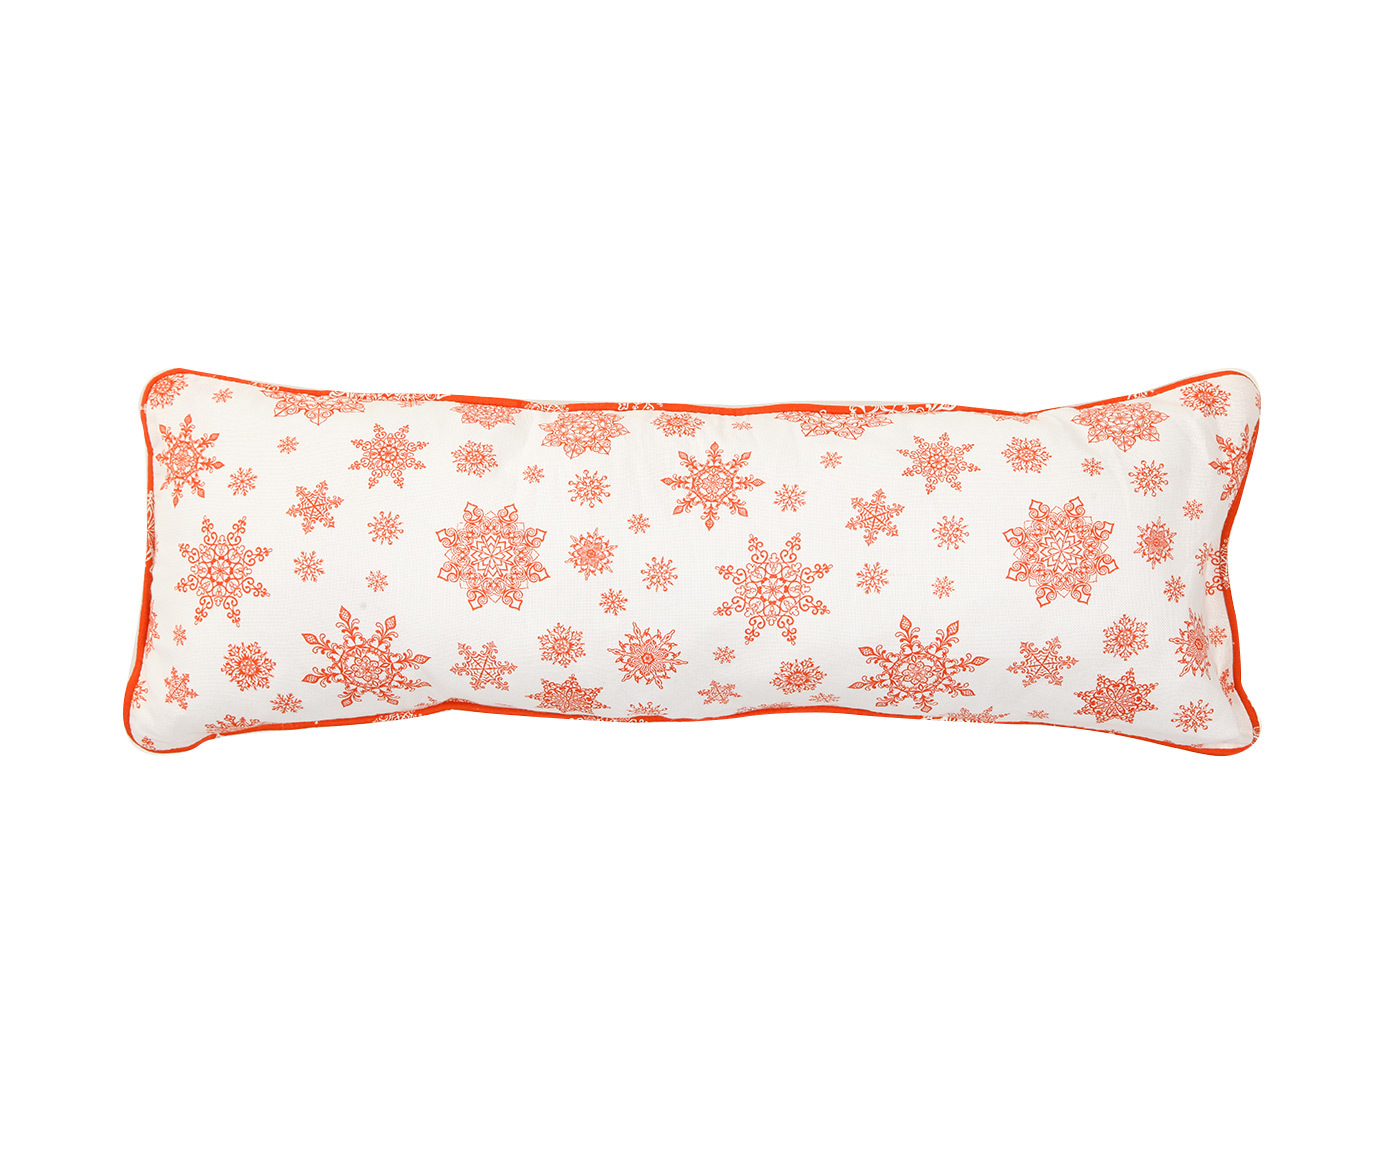 Набор подушек (2шт)Прямоугольные подушки<br>Декоративная подушка станет стильным акцентом в вашем интерьере. Оригинальный принт внесёт уют и позитив в интерьер. Плотная хлопковая ткань съёмной наволочки с молнией легко стирается и не изнашивается. Внутренние подушки-наполнители продаются отдельно.<br><br>Material: Хлопок<br>Length см: None<br>Width см: 70<br>Depth см: 16<br>Height см: 25